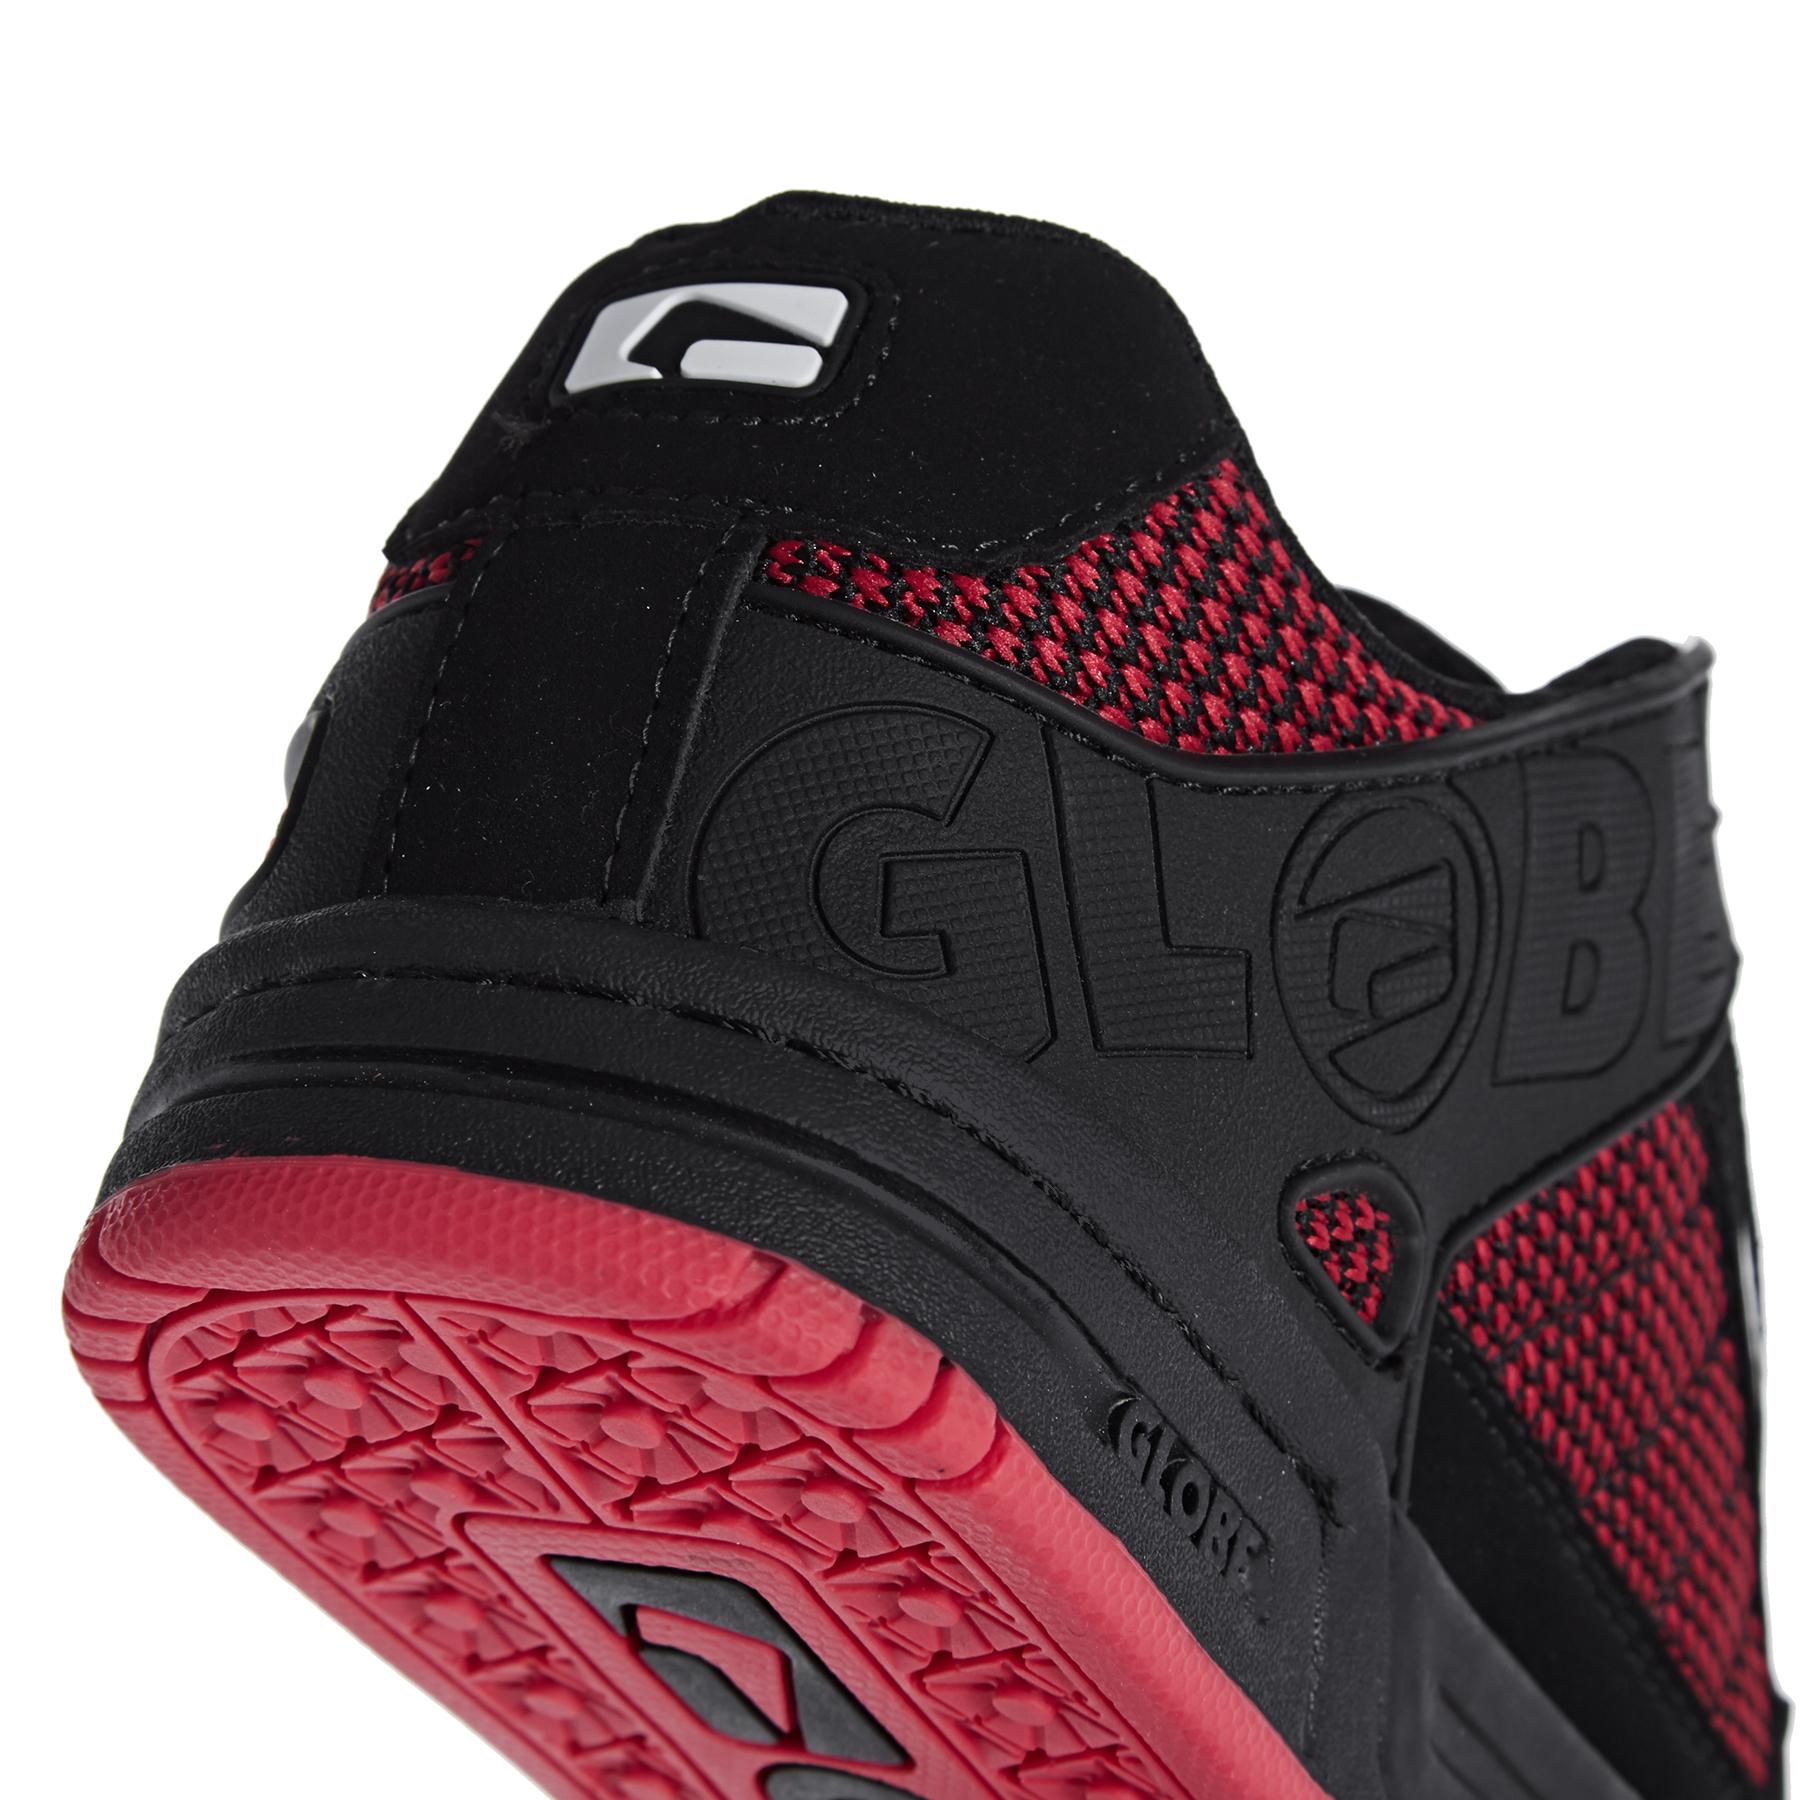 Chaussures Enfant Globe Tilt | Livraison gratuite dès 30€ d&